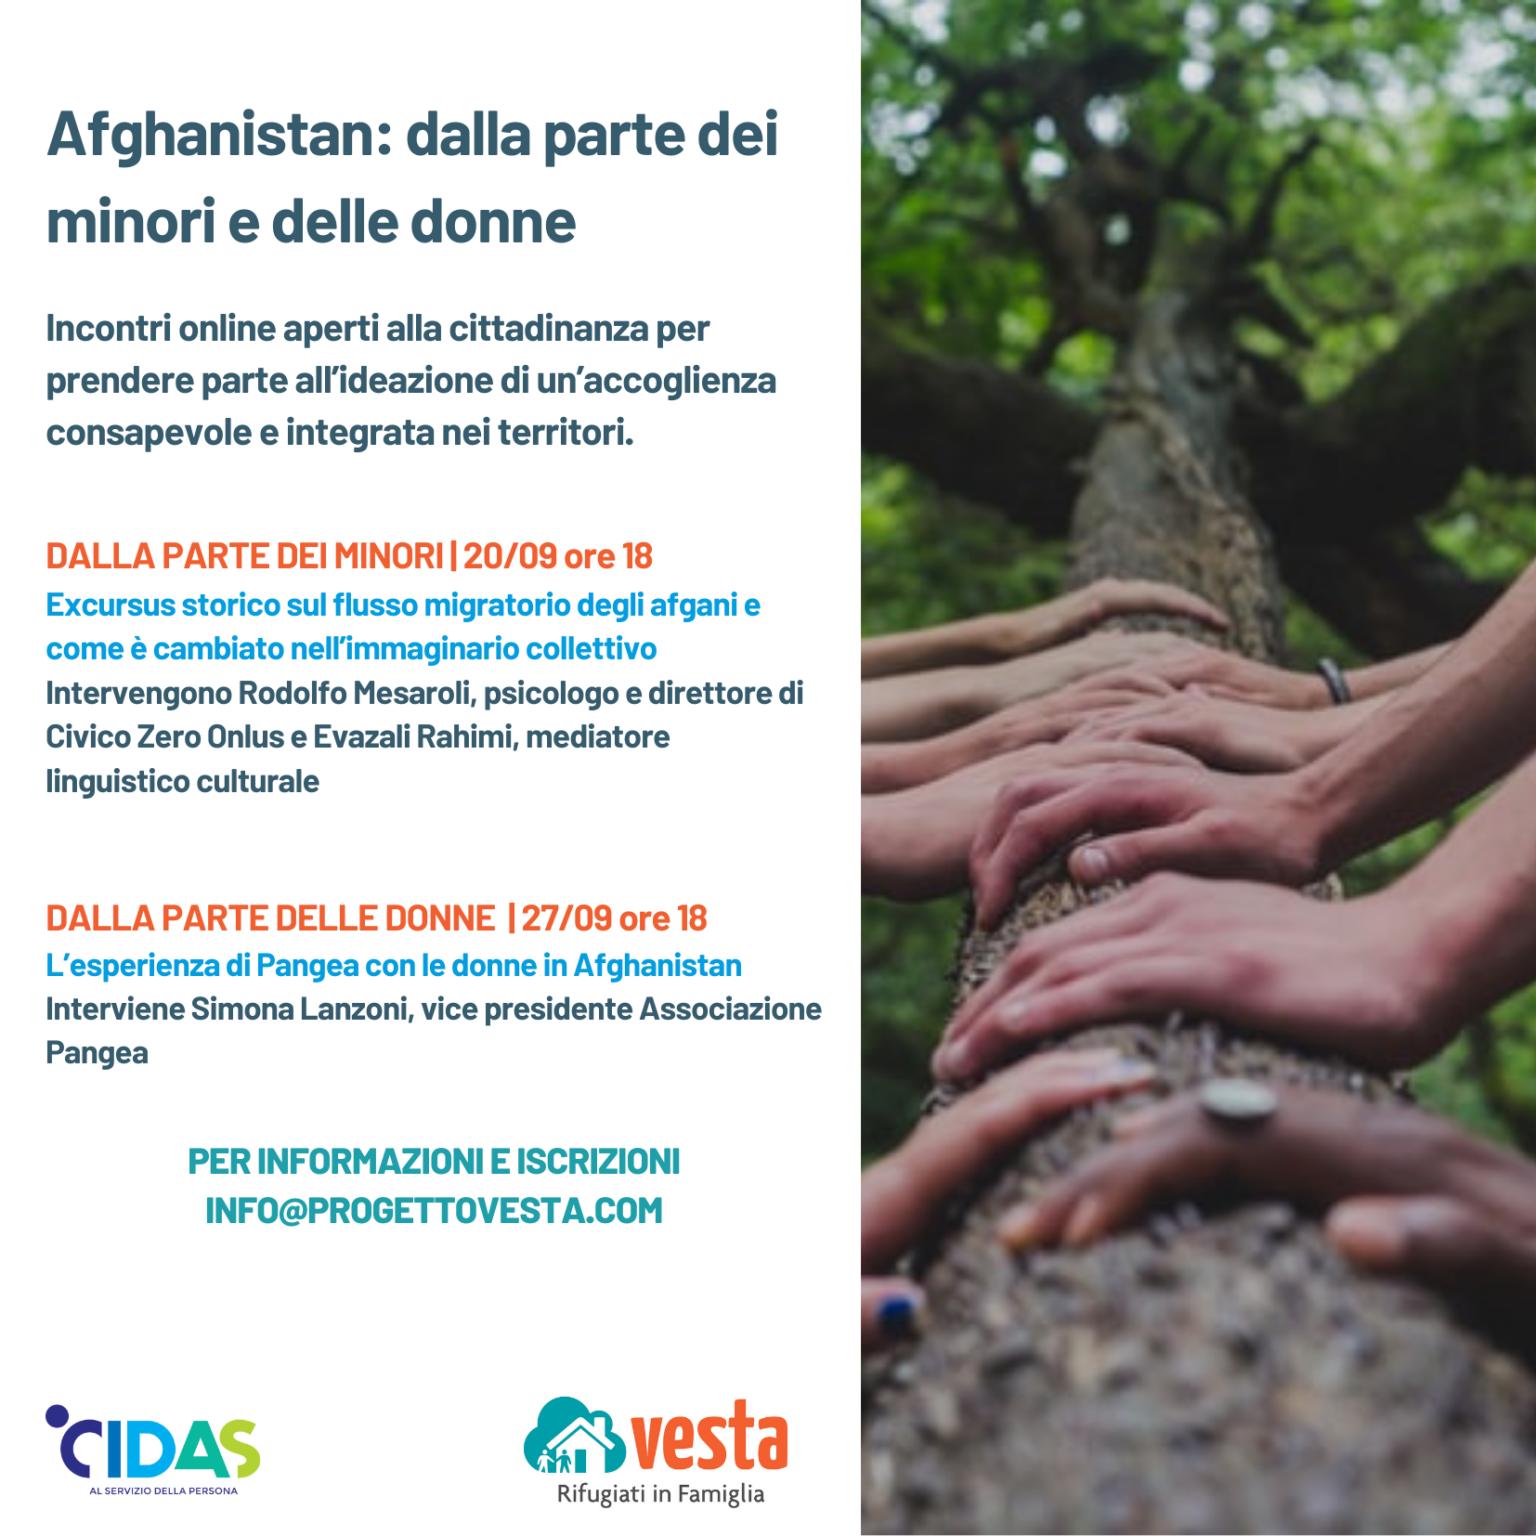 Afghanistan: due incontri aperti alla cittadinanza promossi da CIDAS